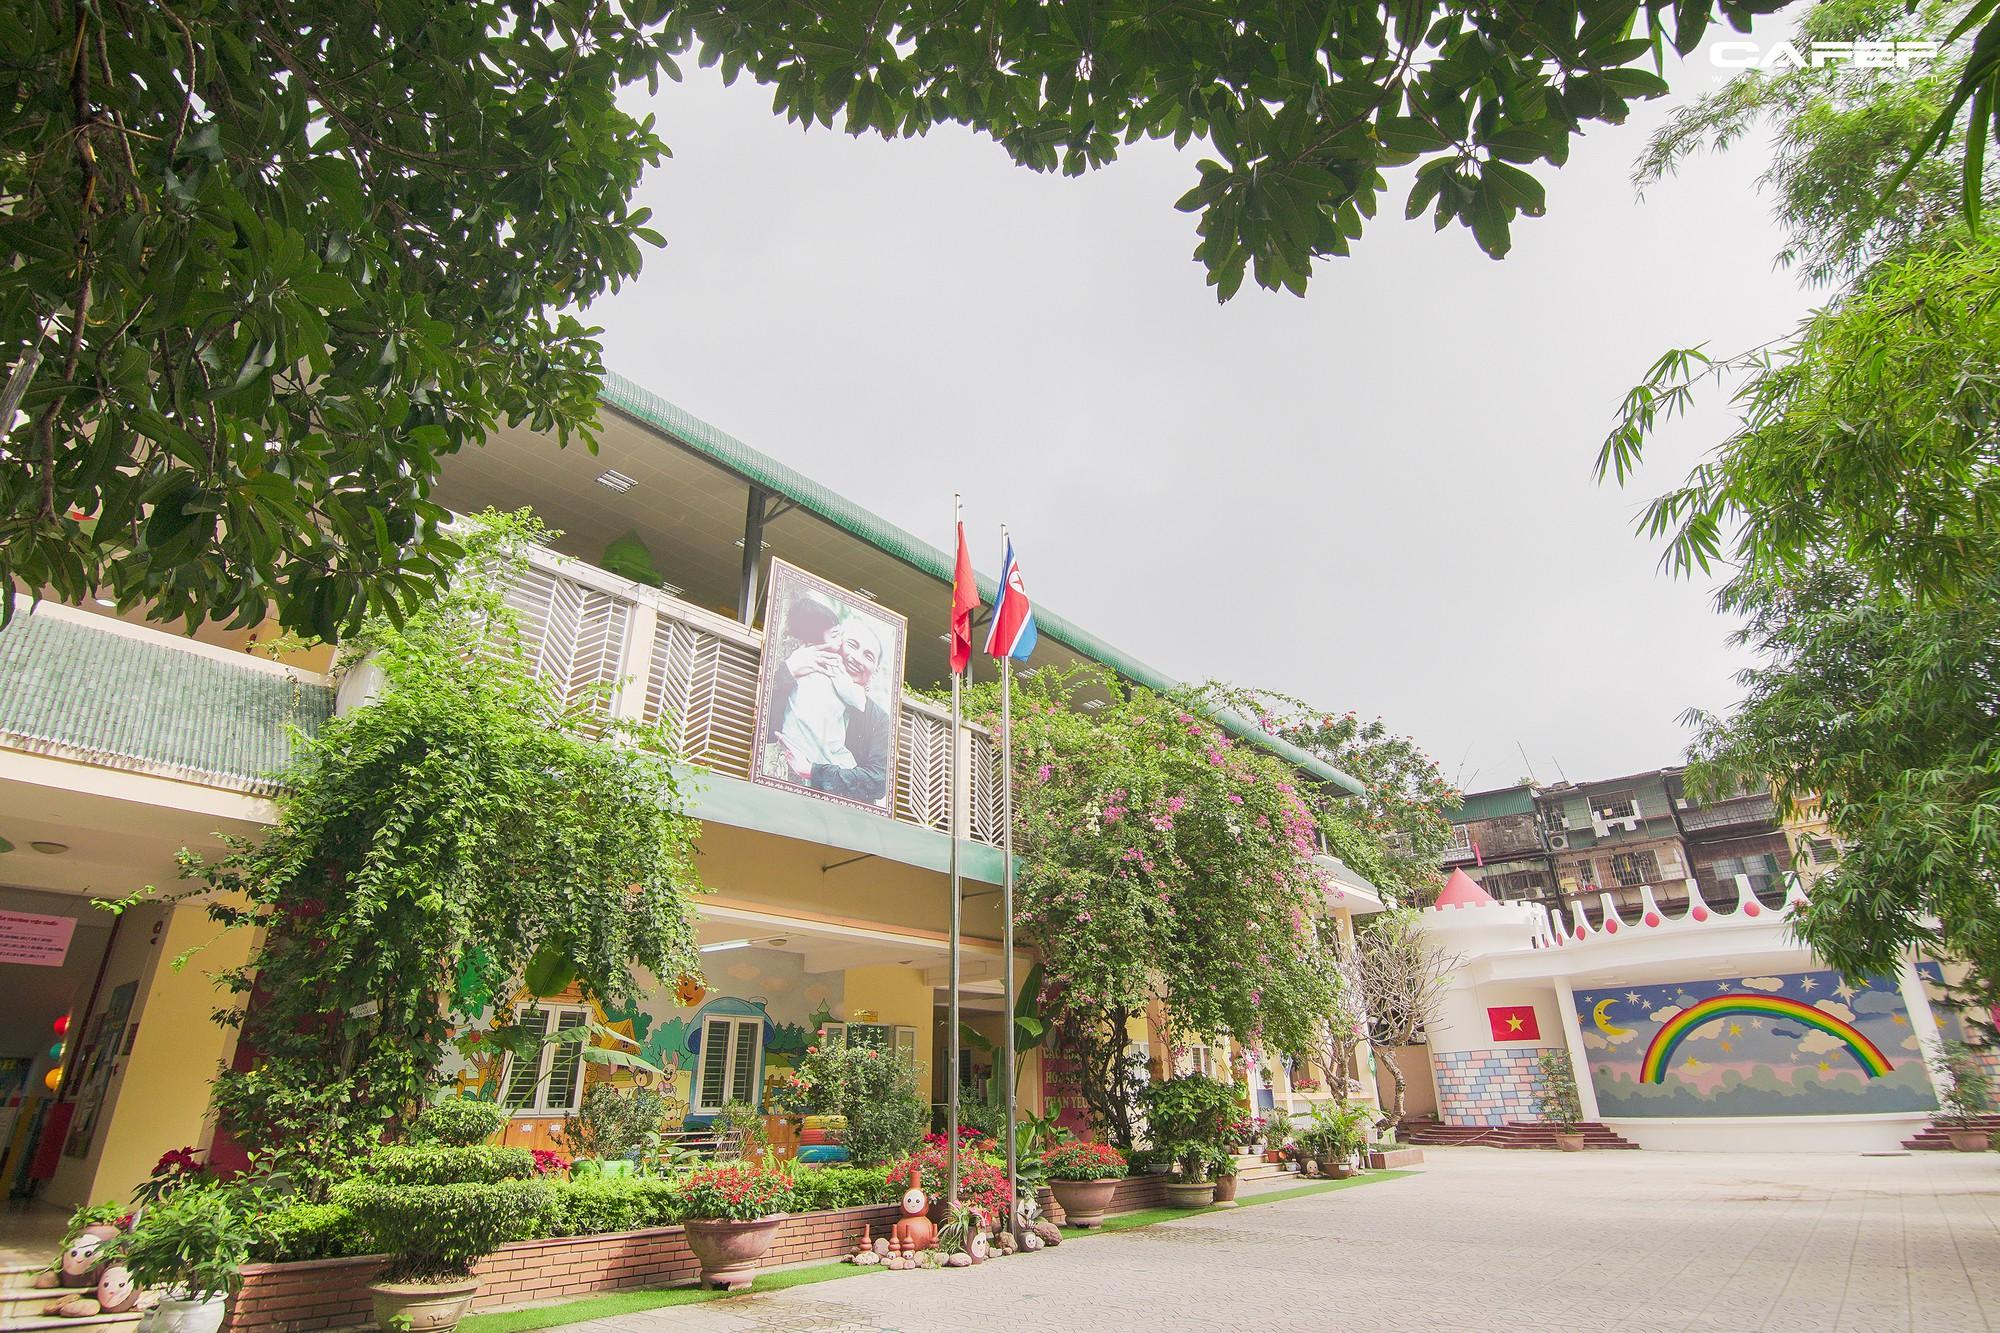 Ký ức ngọt ngào về Triều Tiên của ngôi trường mẫu giáo đặc biệt ở Hà Nội - Ảnh 2.